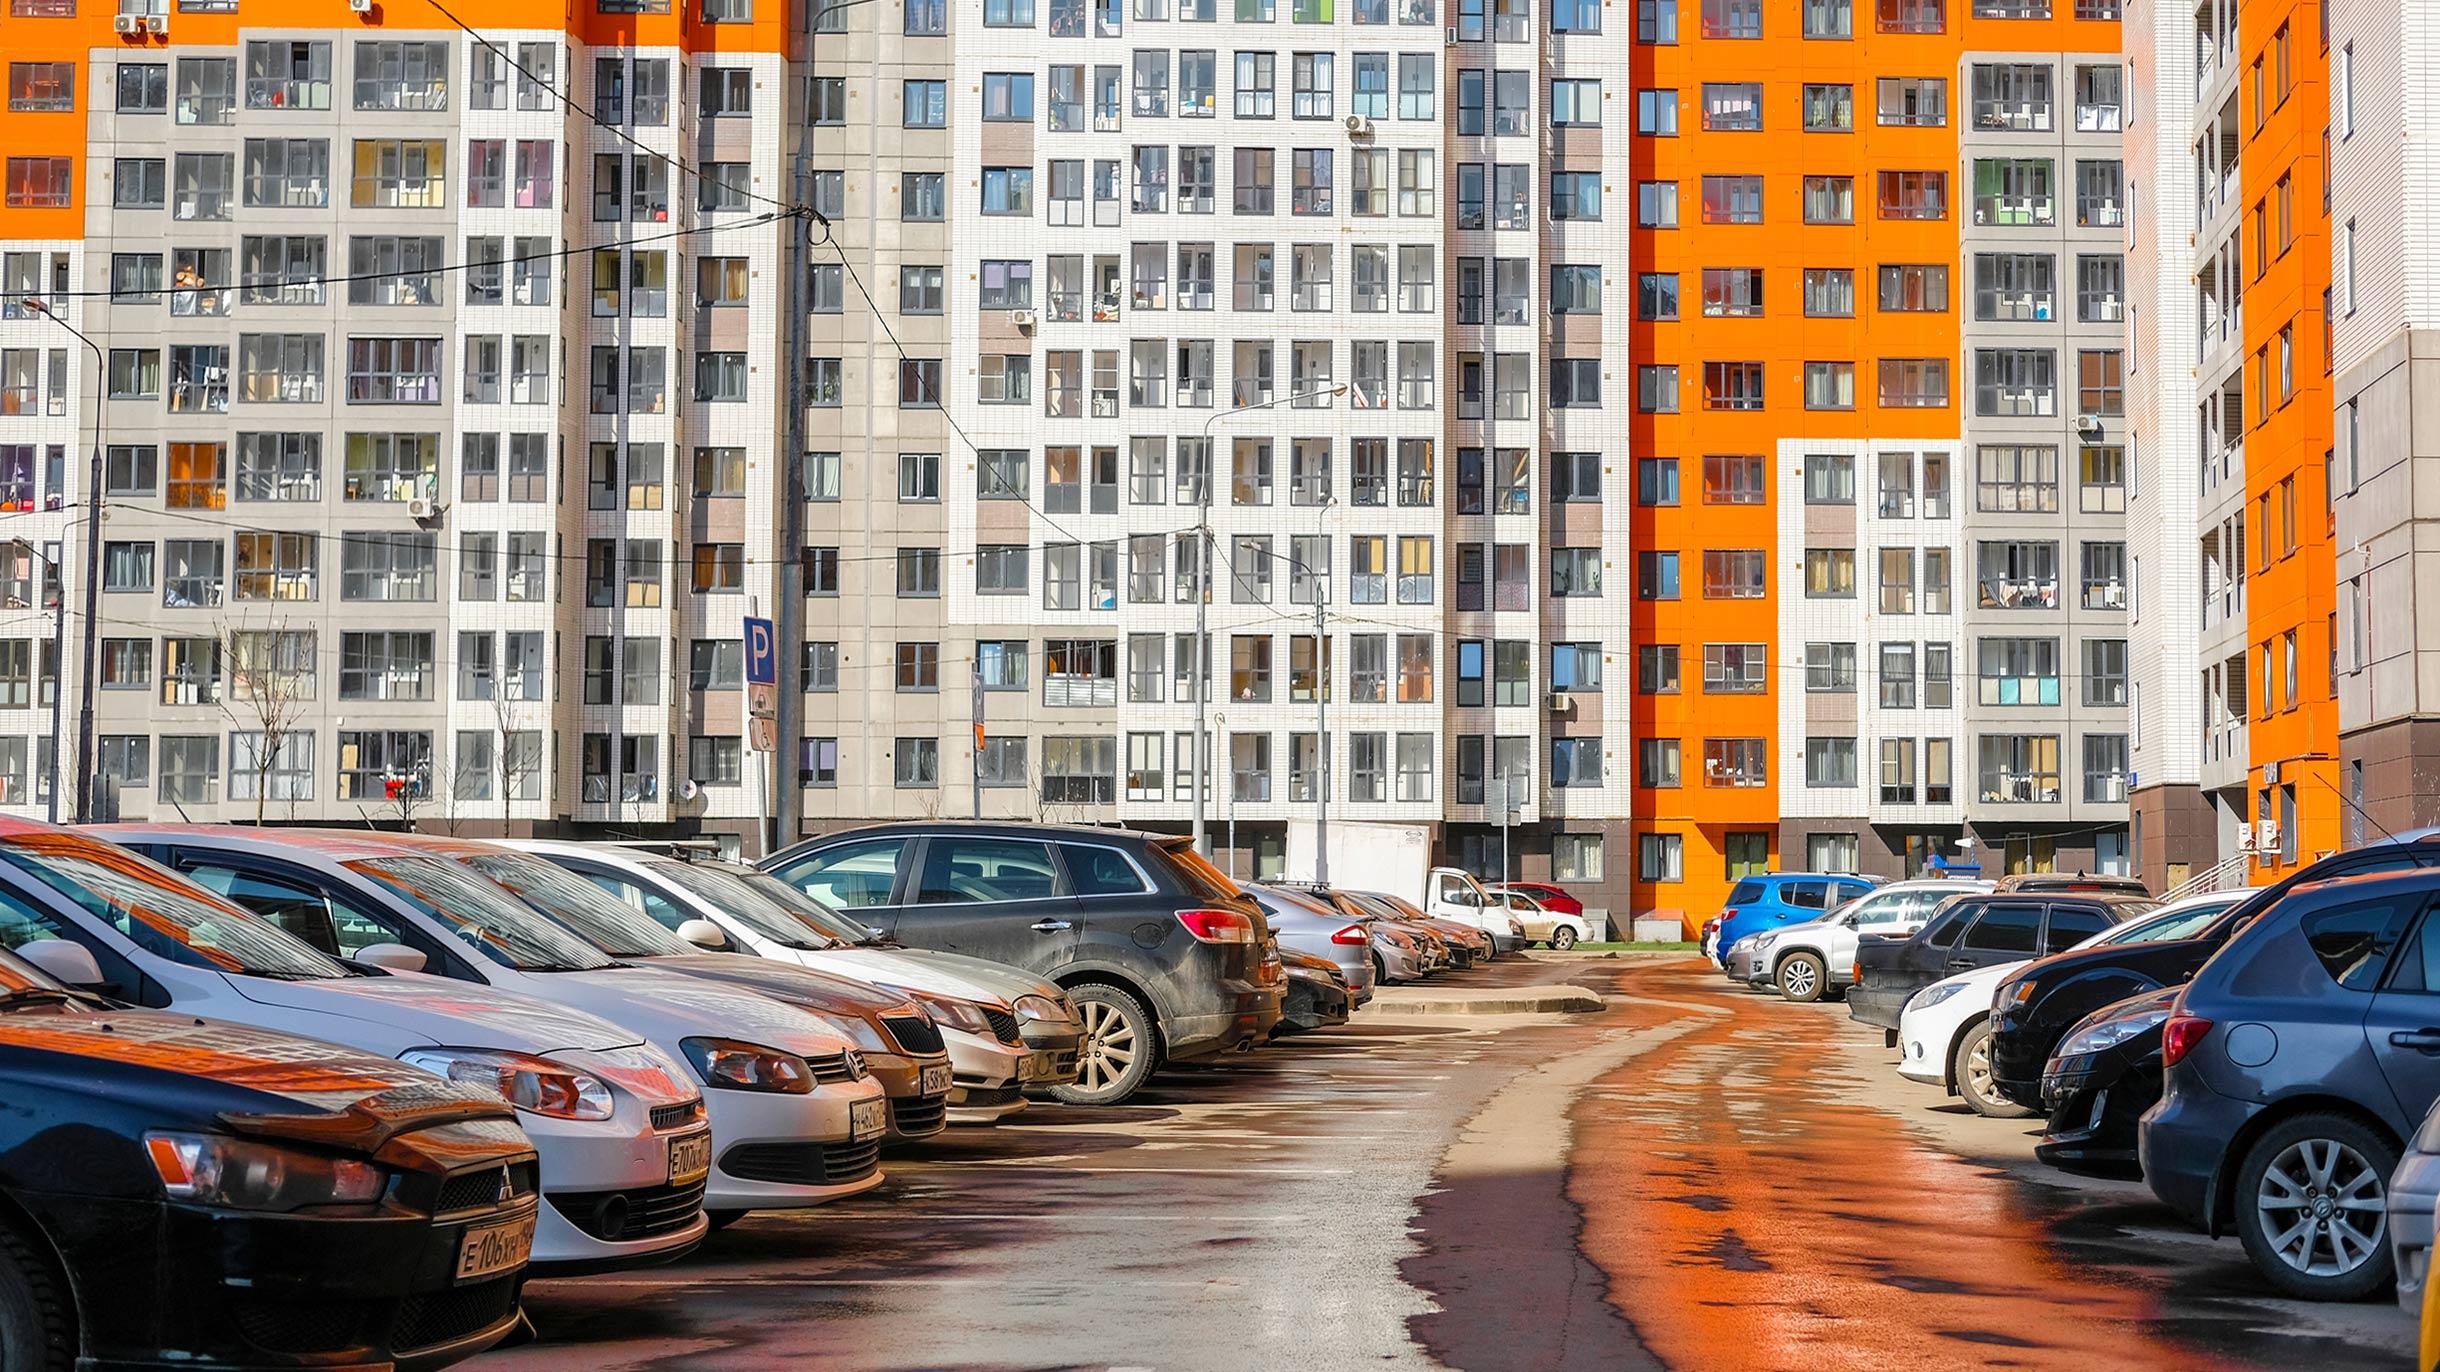 Новый приказ Минтранса: бизнес больше не сможет организовать автостоянку во дворе